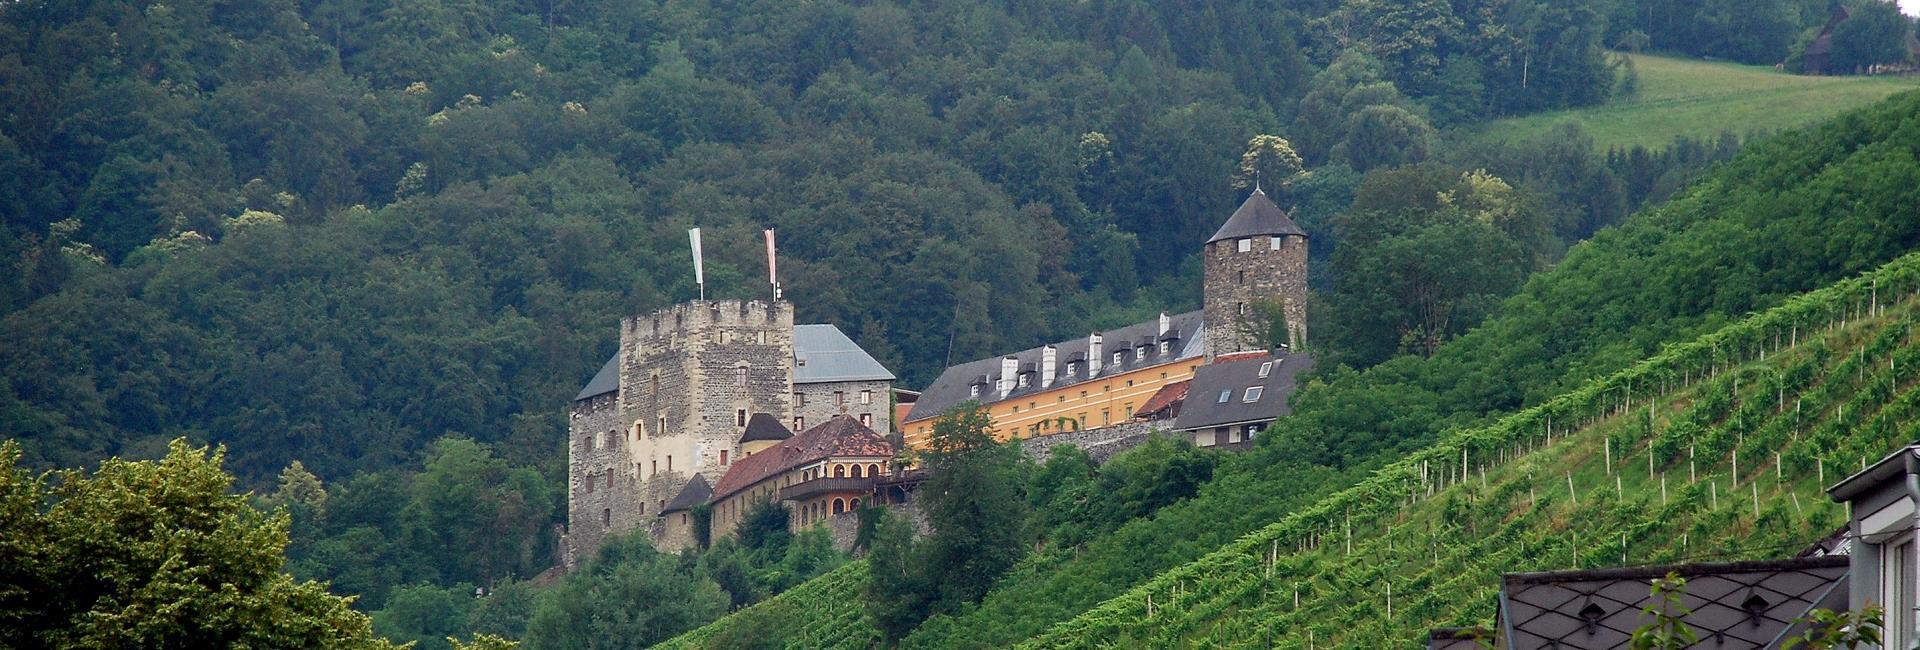 Hotel Burg Deutschlandsberg